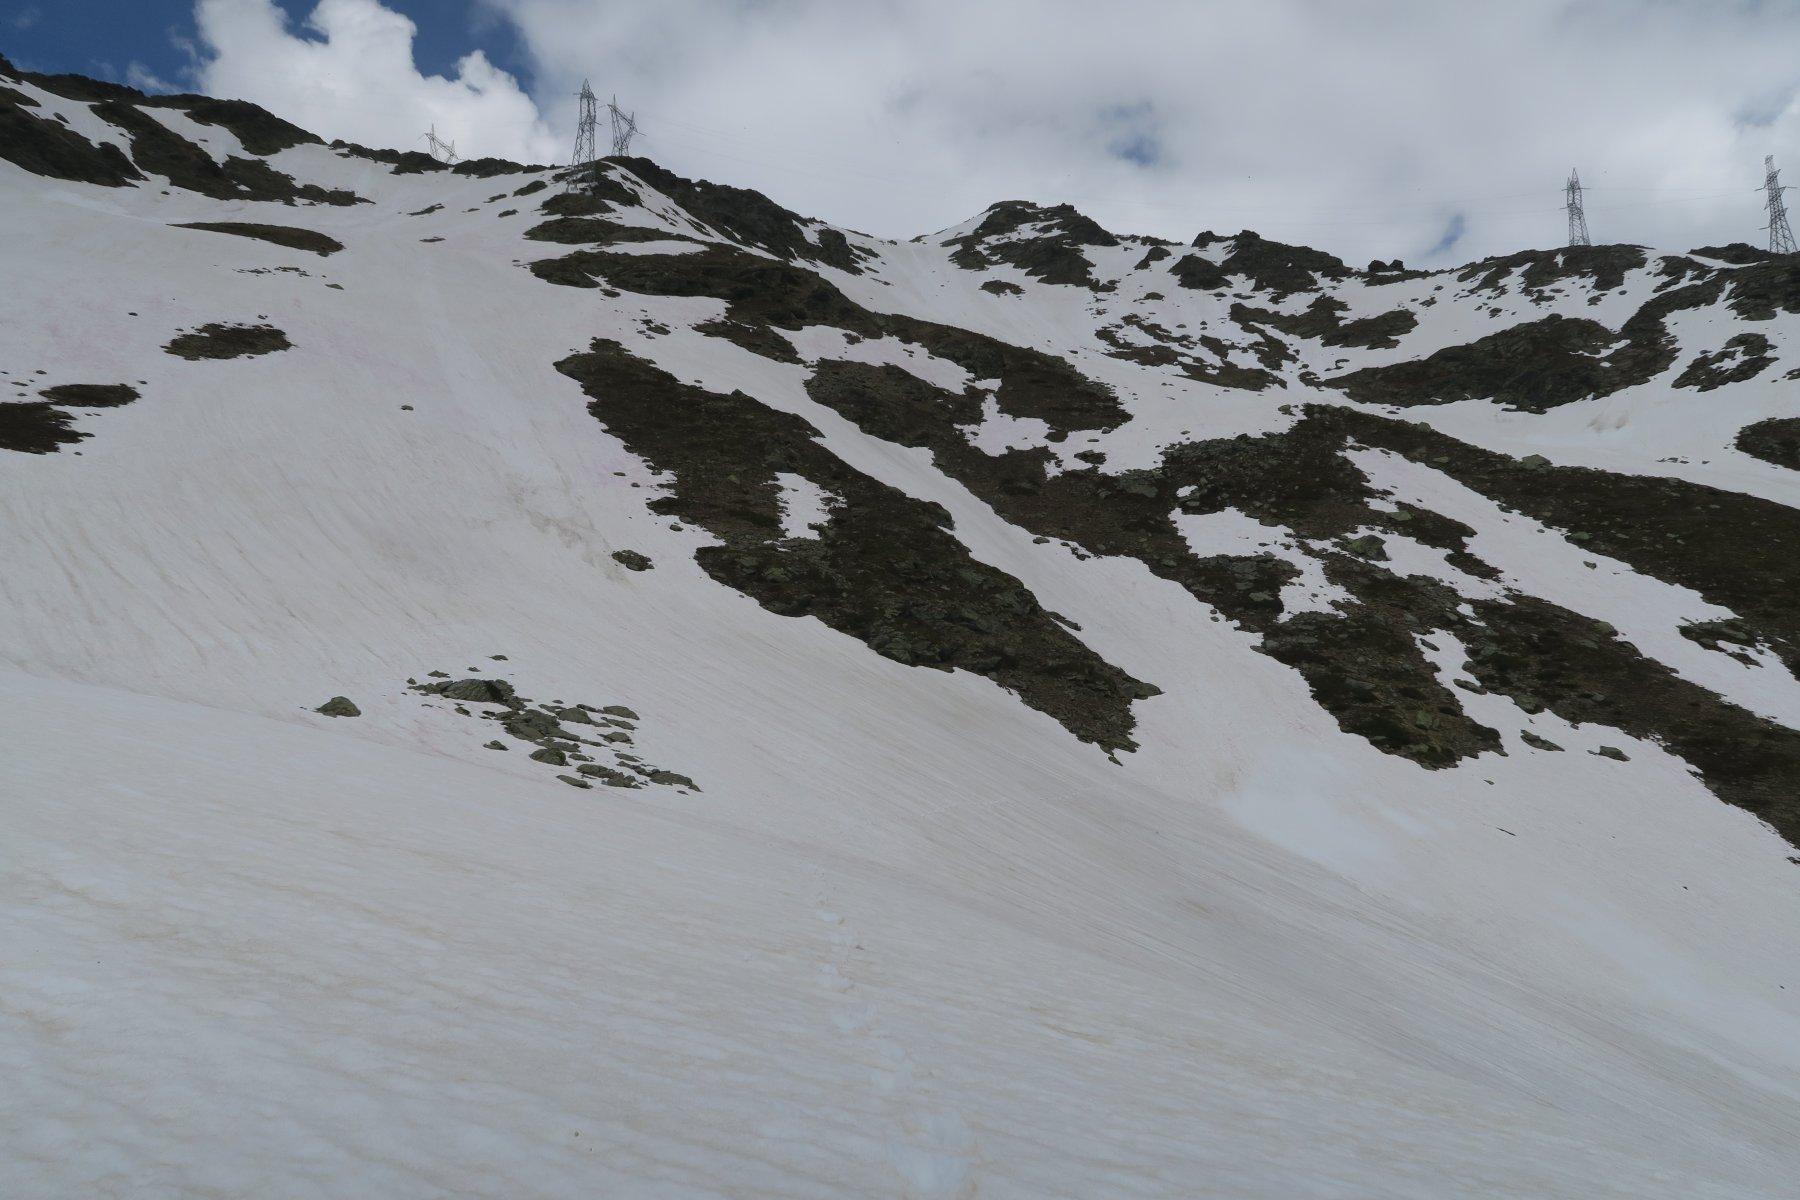 sono sceso lungo il pendio già privo di neve sotto i tralicci di sinistra